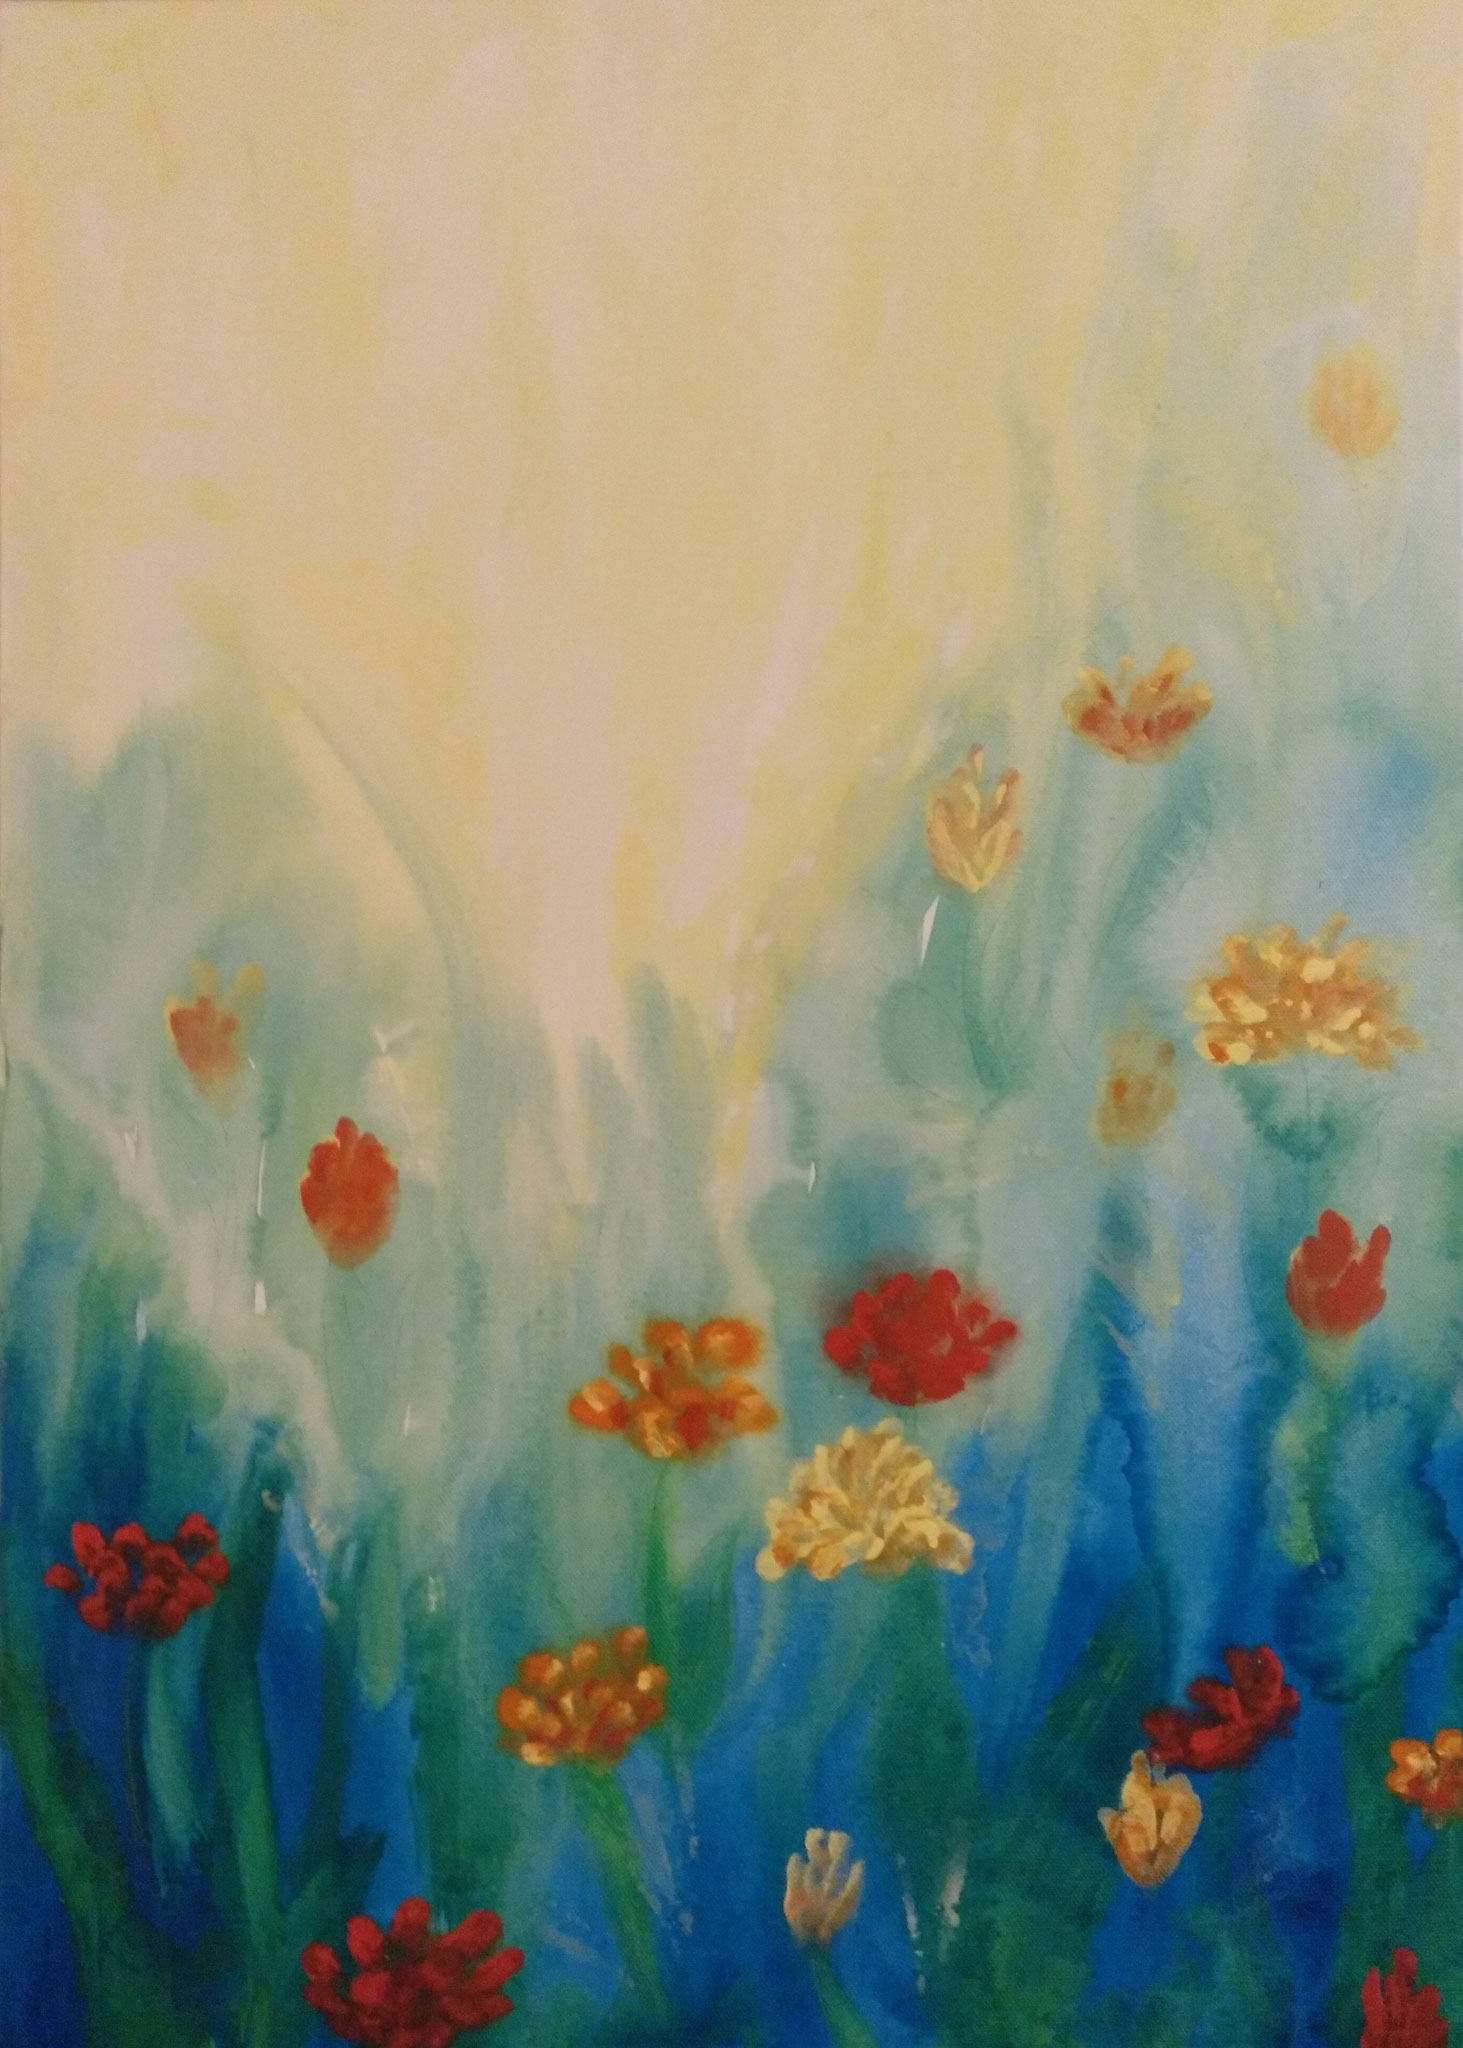 Blumenlicht - 50 x 70 - Mischtechnik auf Leinwand